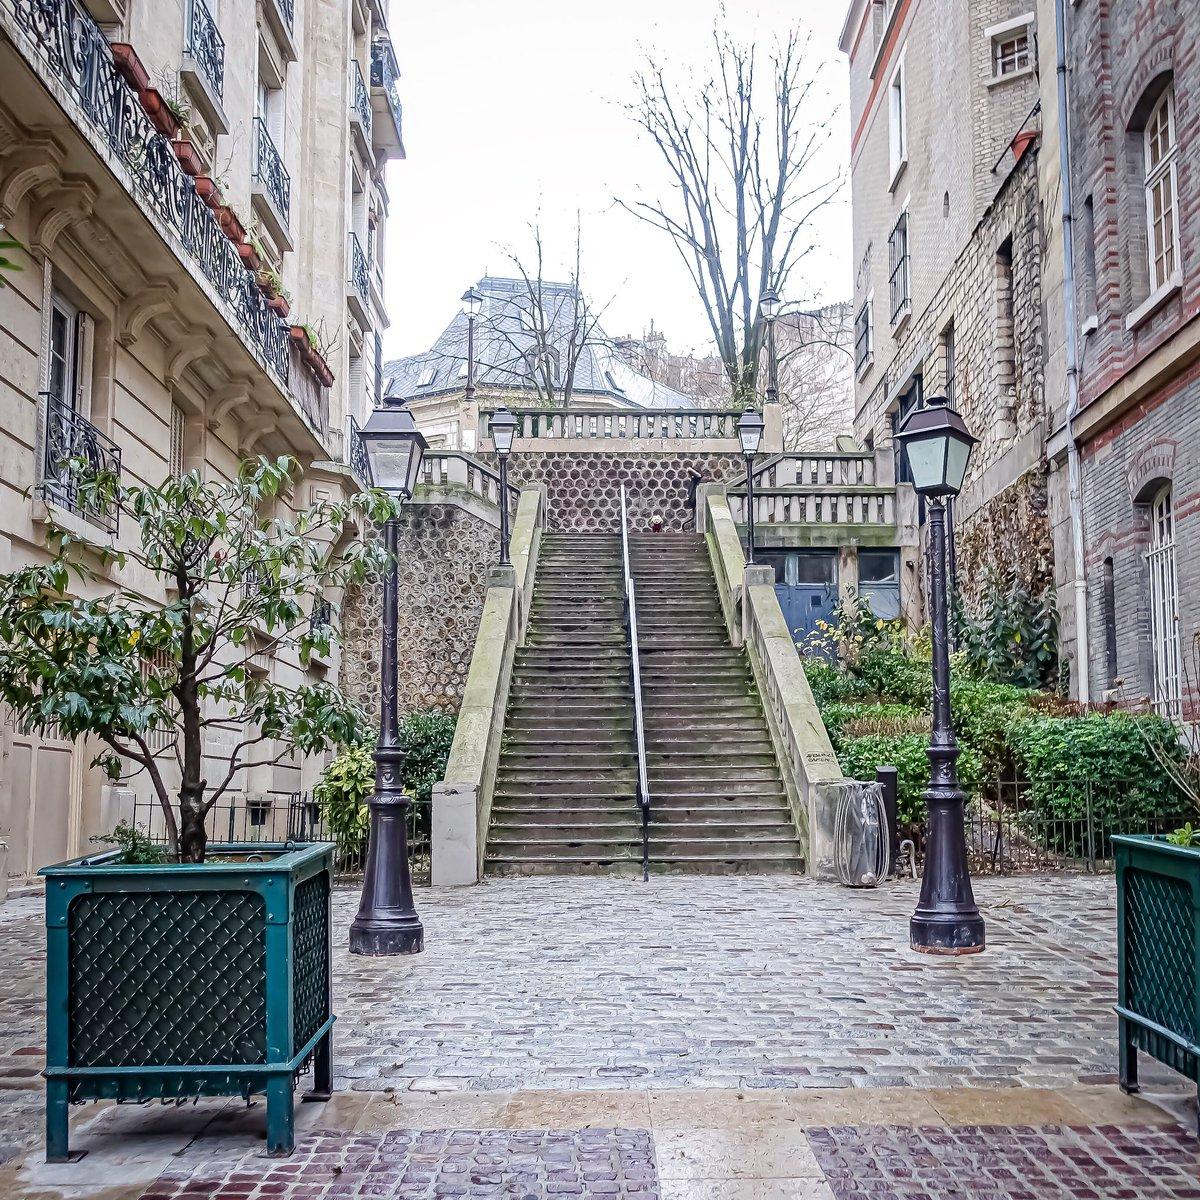 Escaliers de Montmartre, le meilleur exercice au monde. Rue Girardon - Paris 18  #parisladouce #paris #pariscartepostale #parisjetaime #cityguide #pariscityguide #paris18 #streetsofparis #thisisparis #parismaville #montmartre #ruegirardon